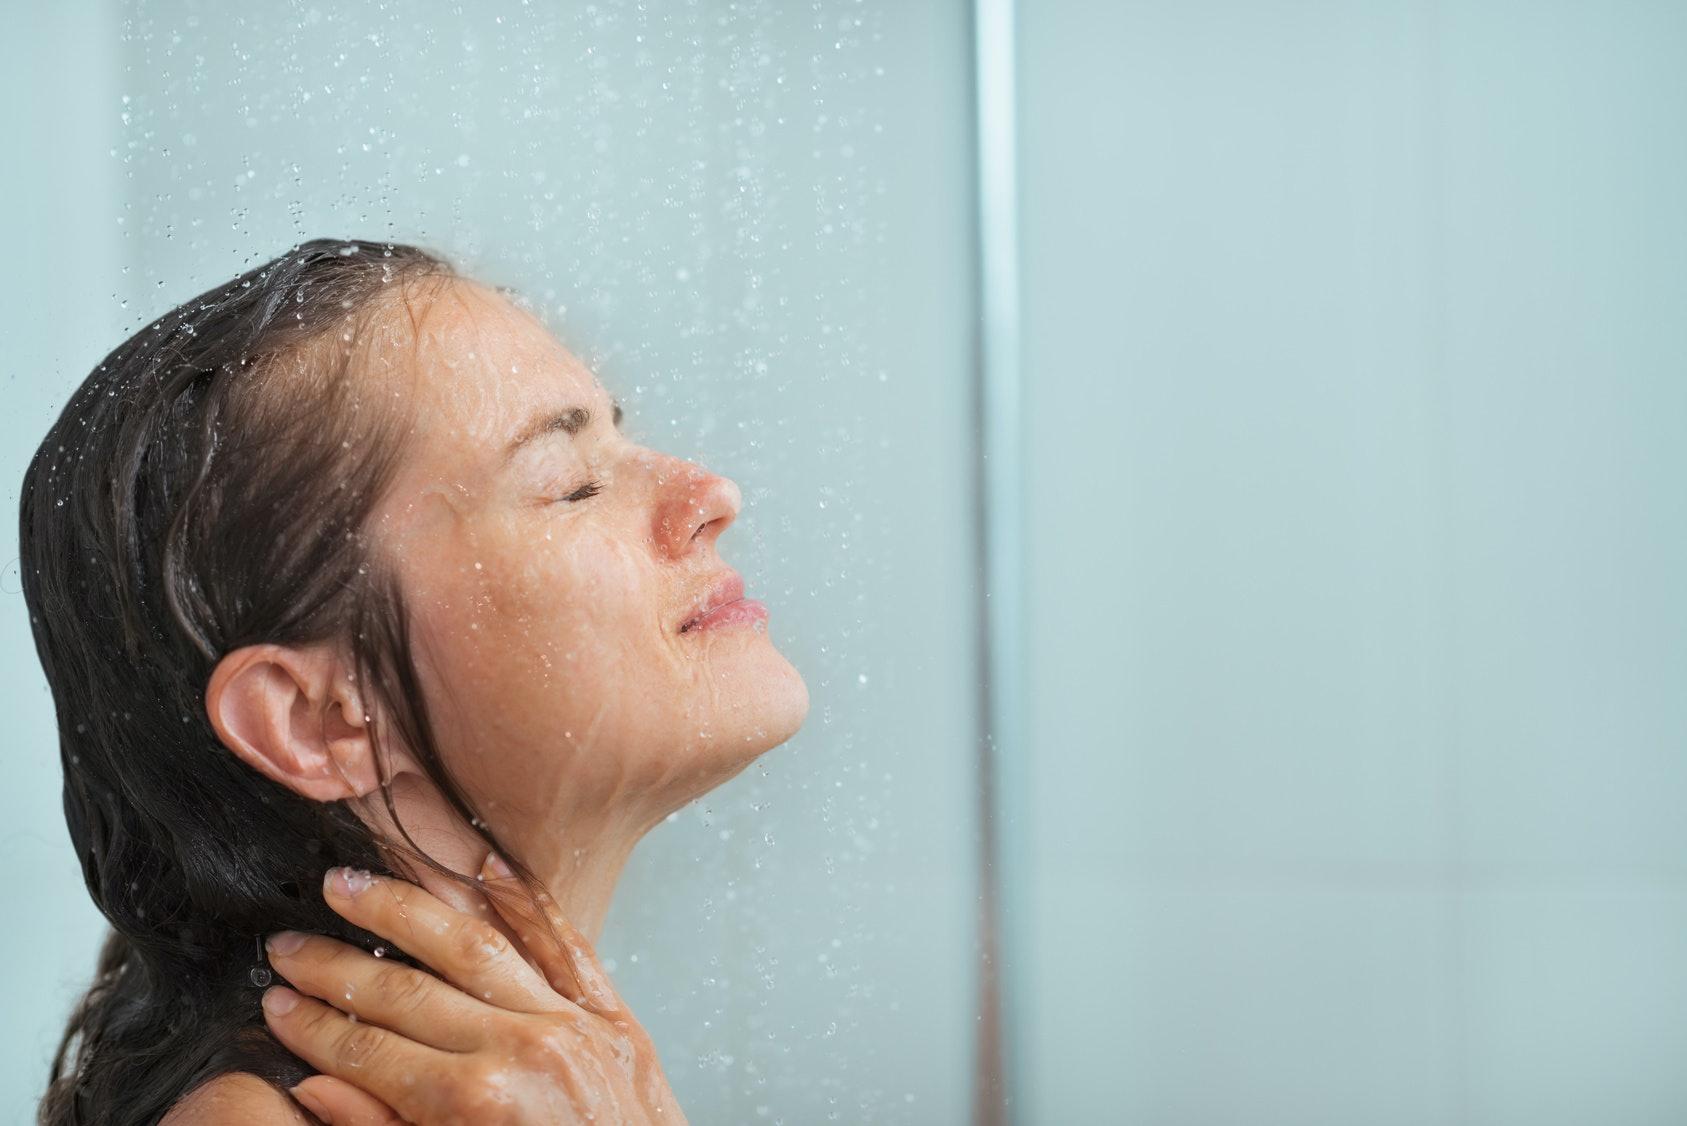 People taking shower together having sex